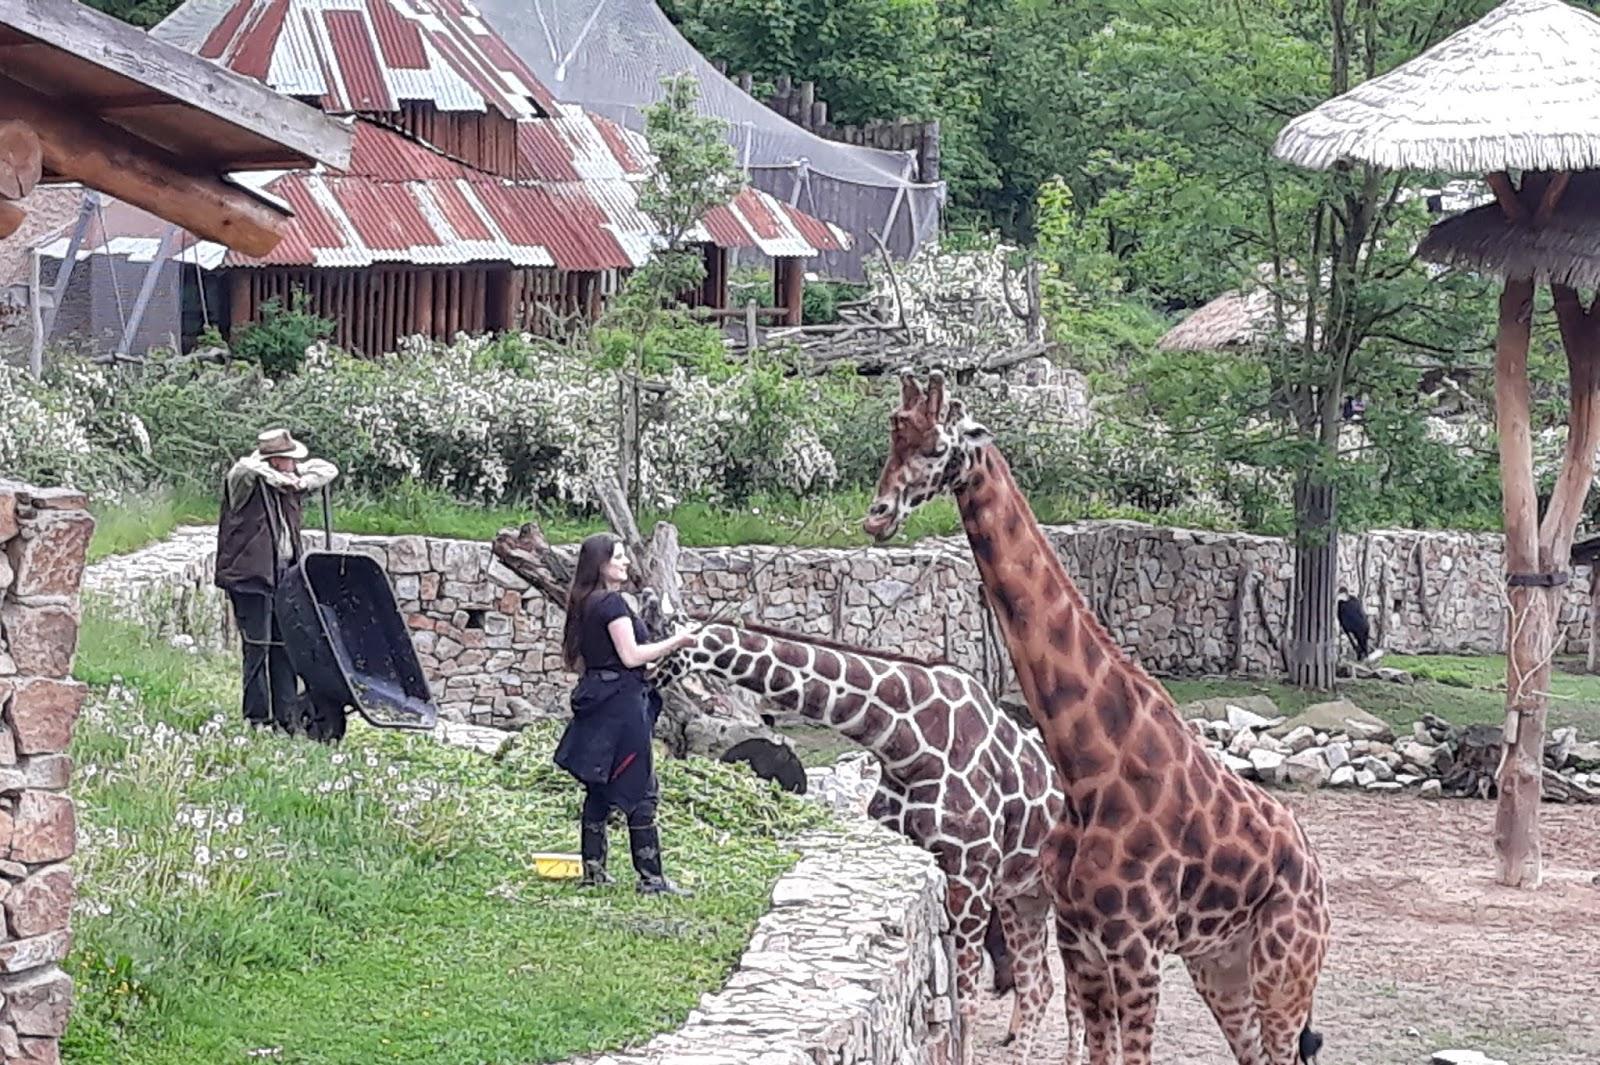 Jihlavská zoo zavírala pokladny, dodržela povolený počet lidí